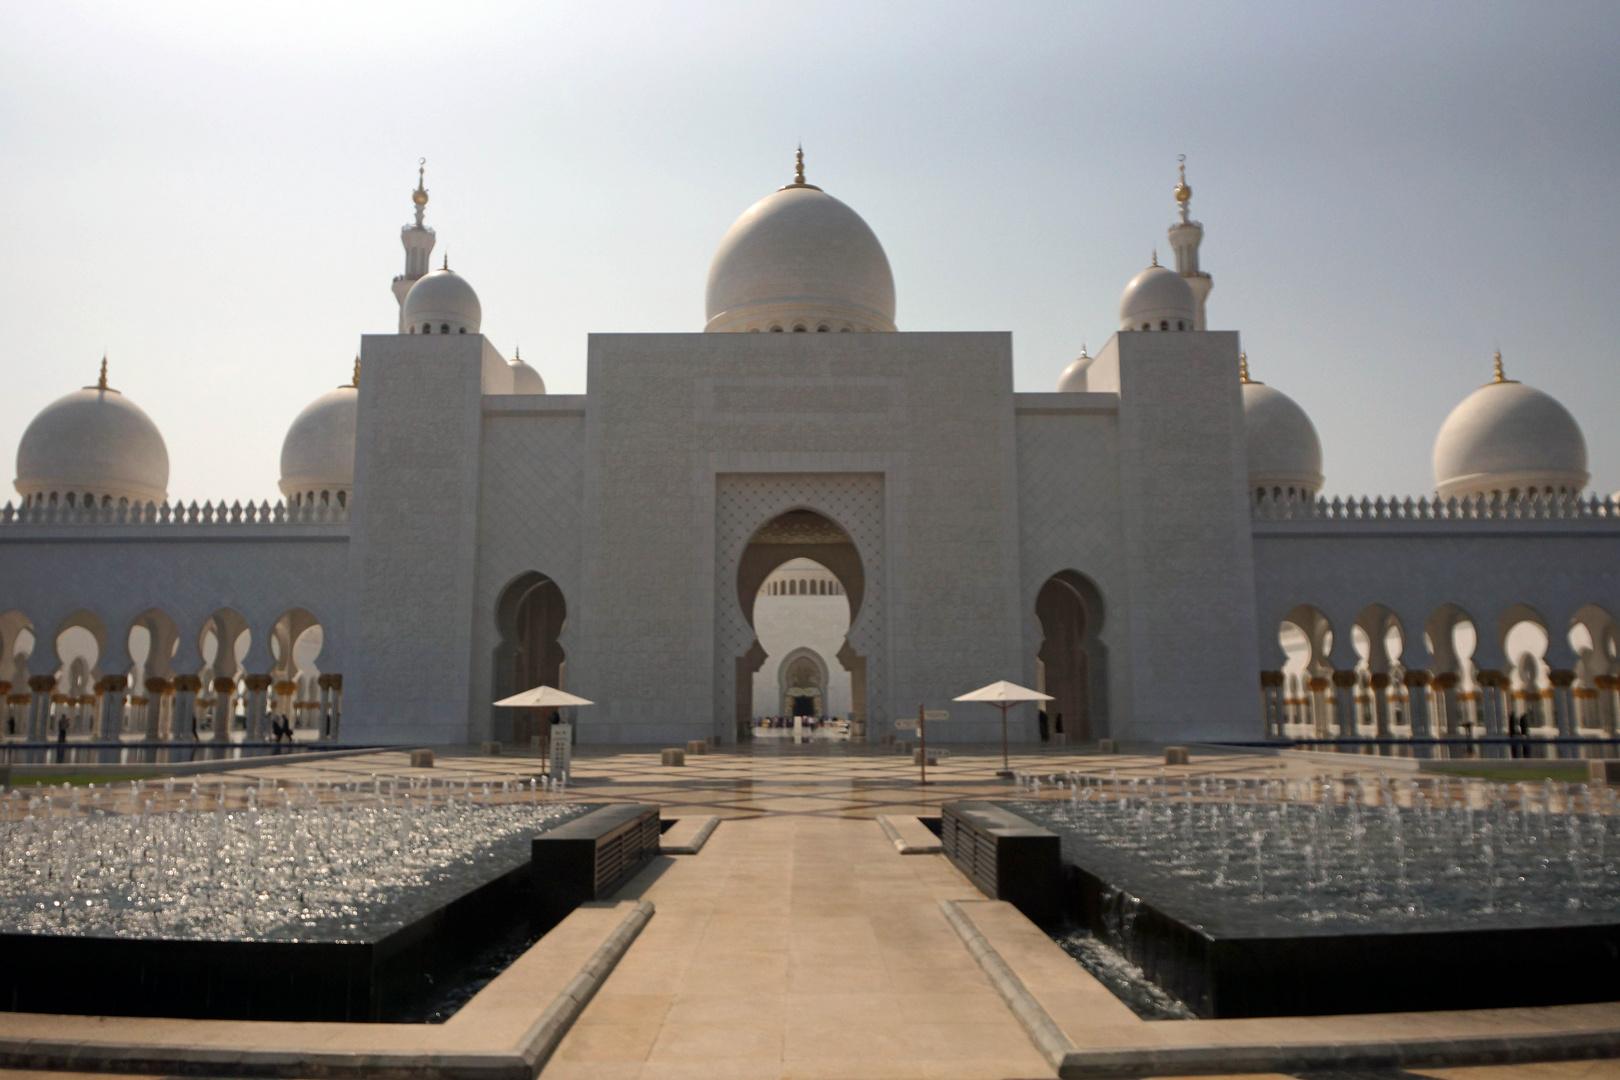 Sheik Zayed Moschee